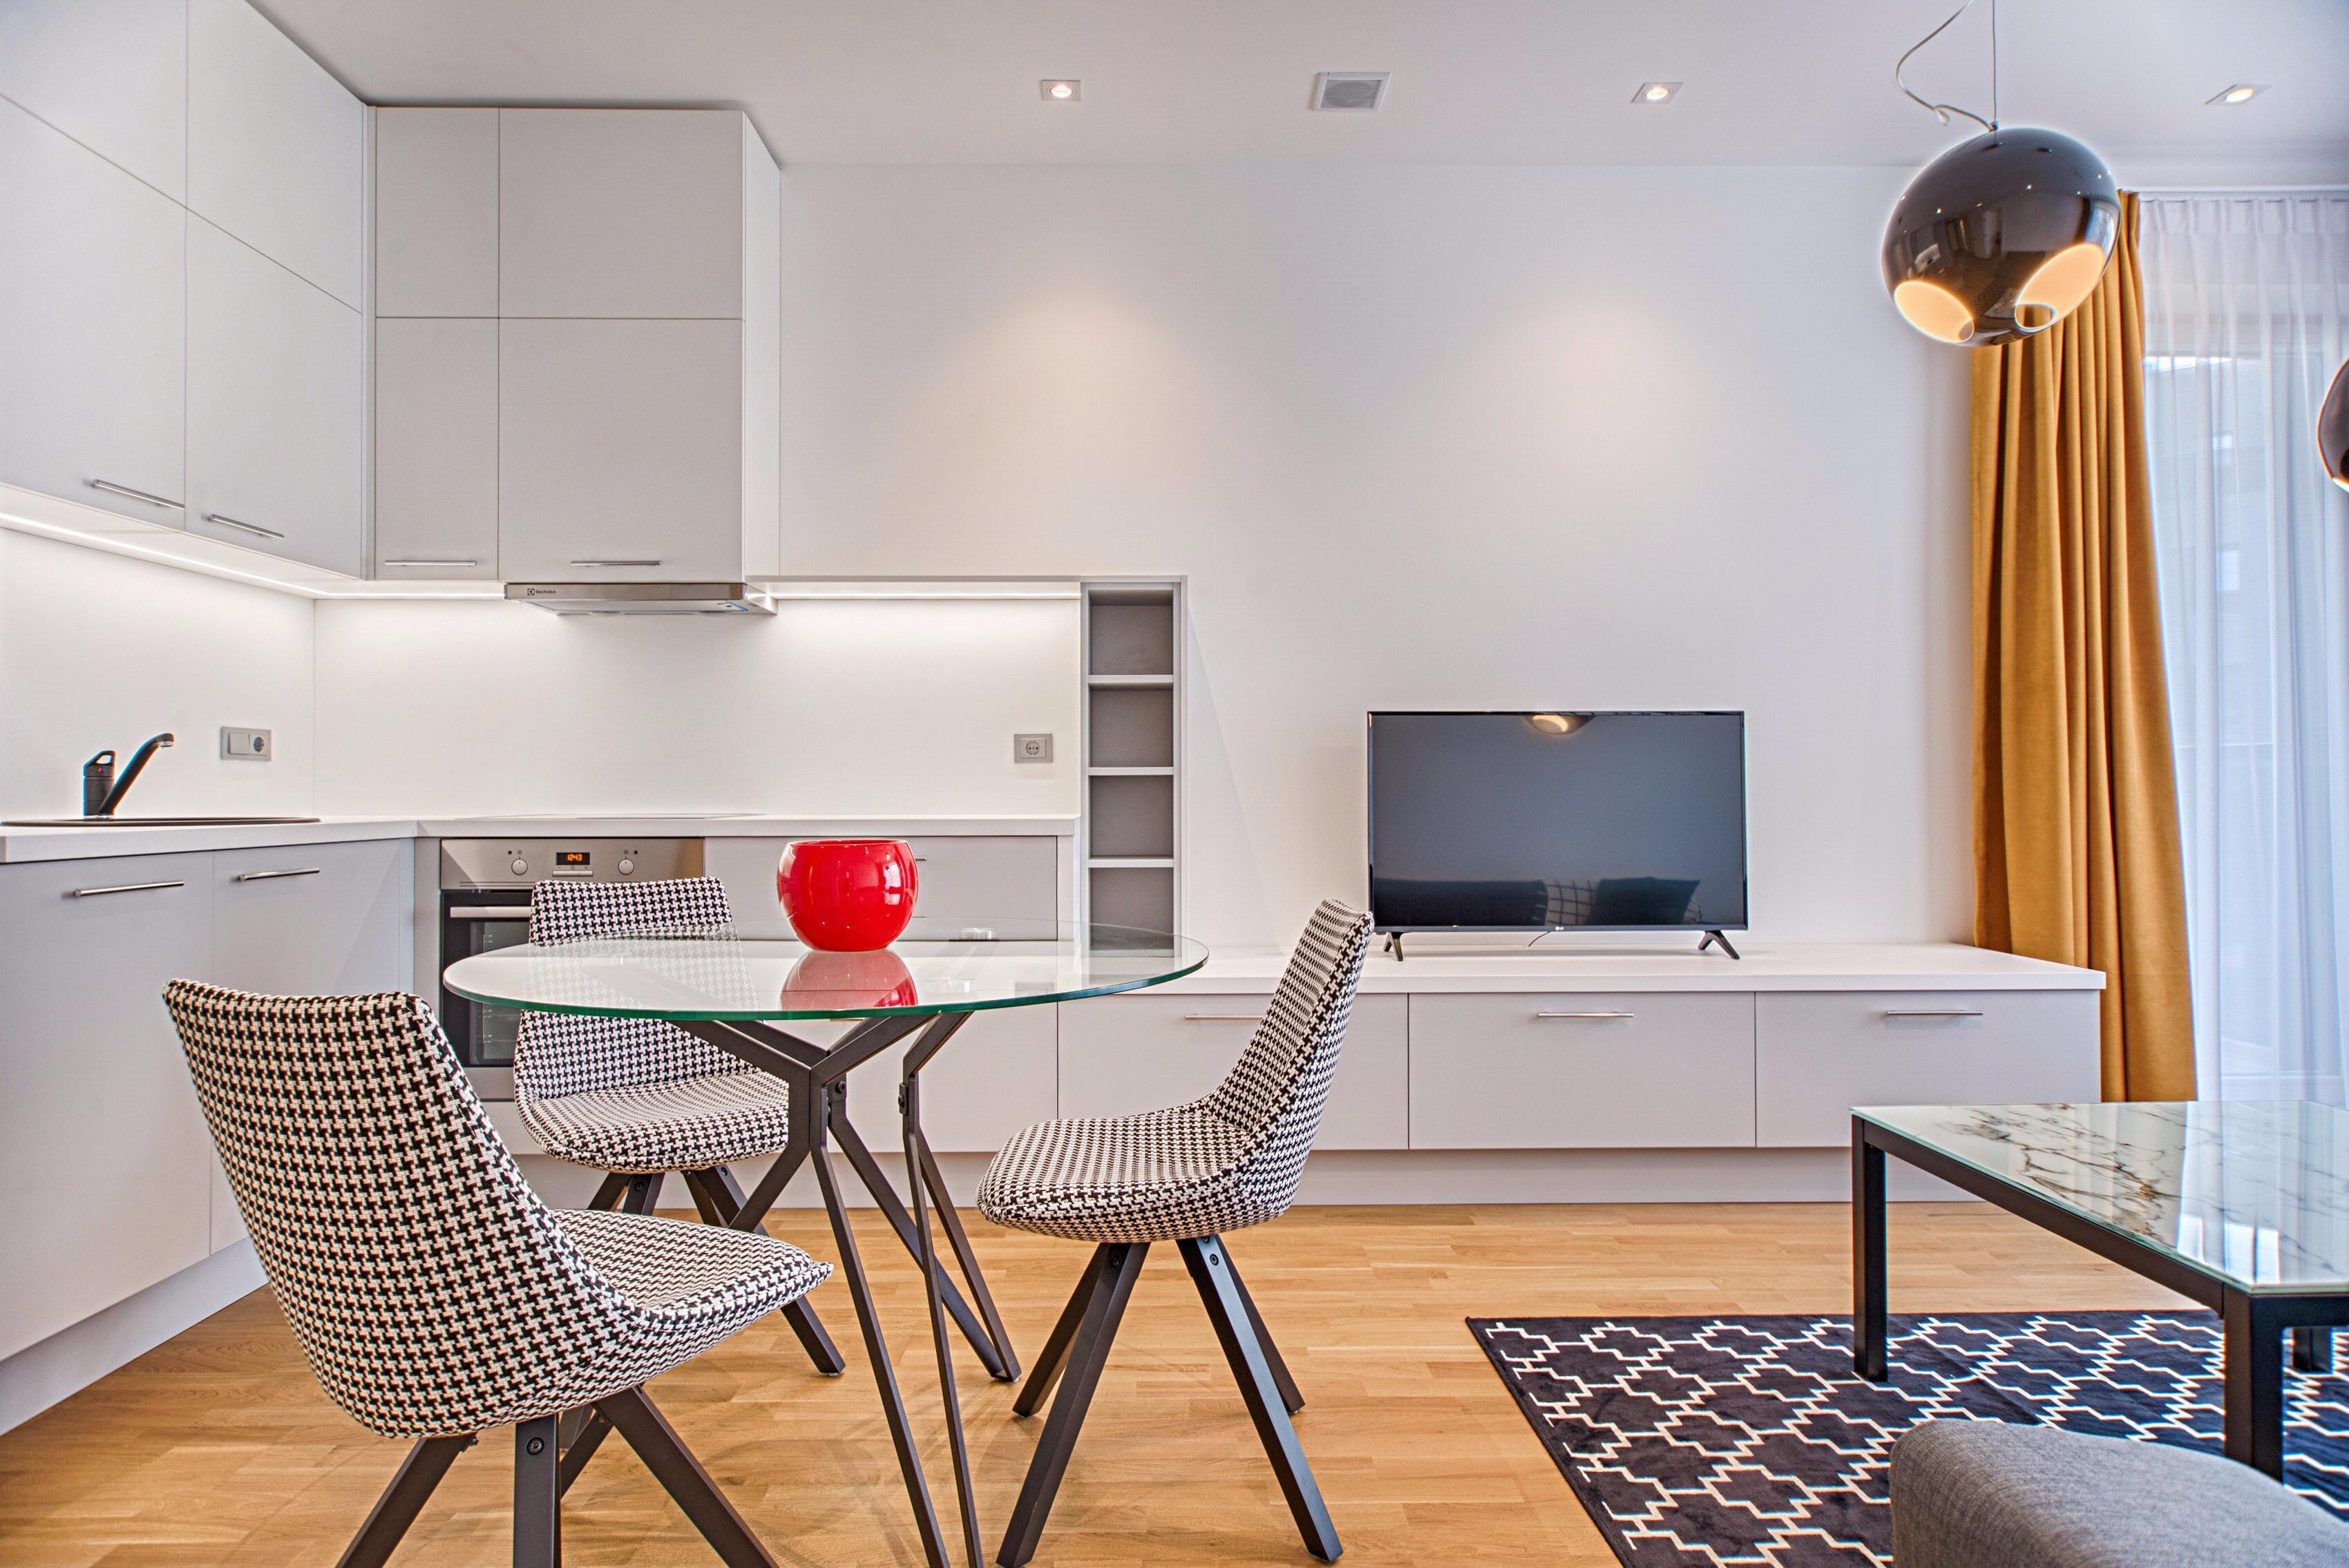 Стандартная высота потолков в квартире: какой она бывает и как ее изменить